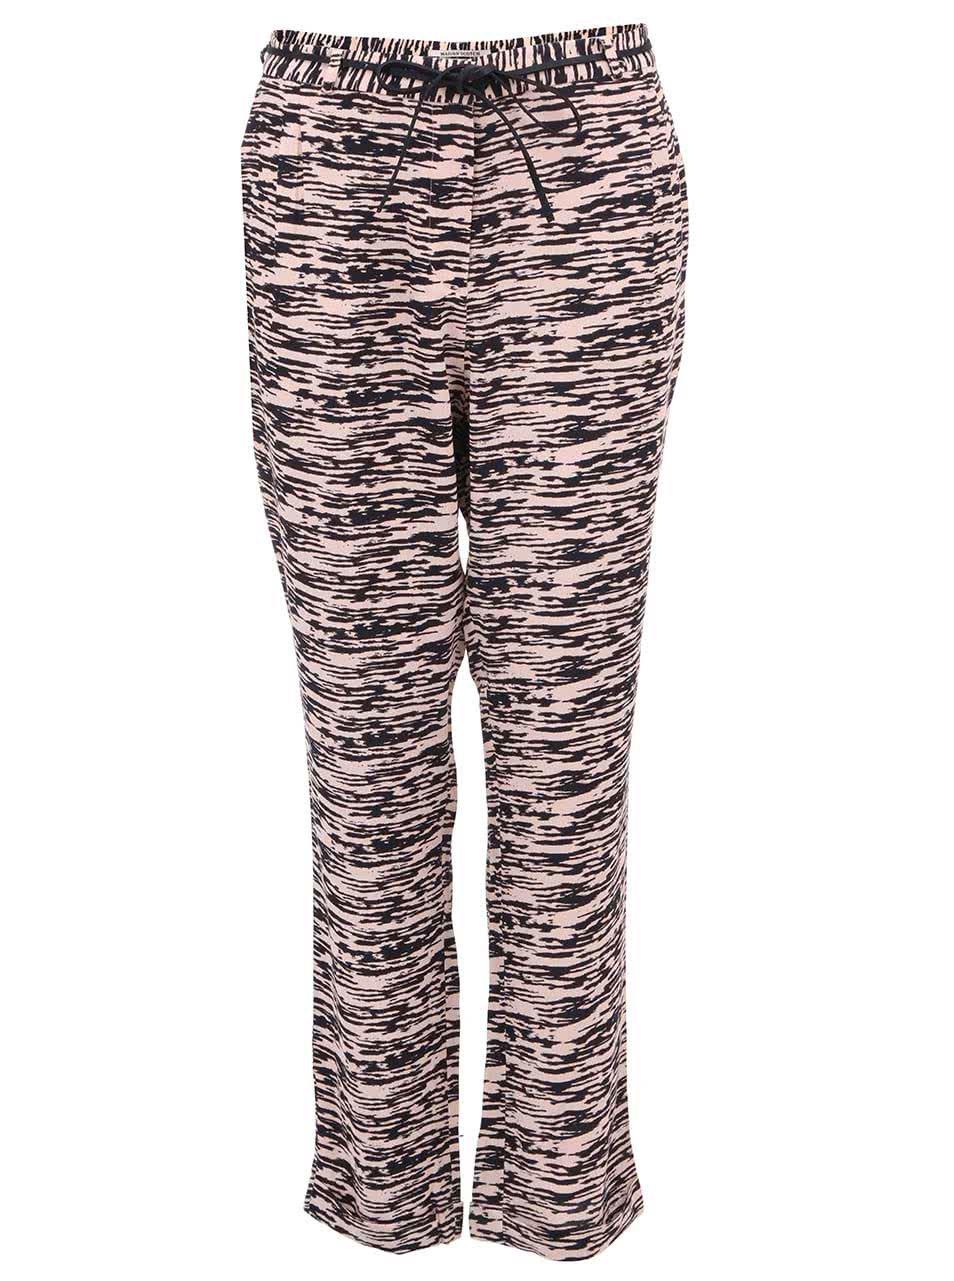 Růžovo-černé dámské žíhané kalhoty Scotch & Soda